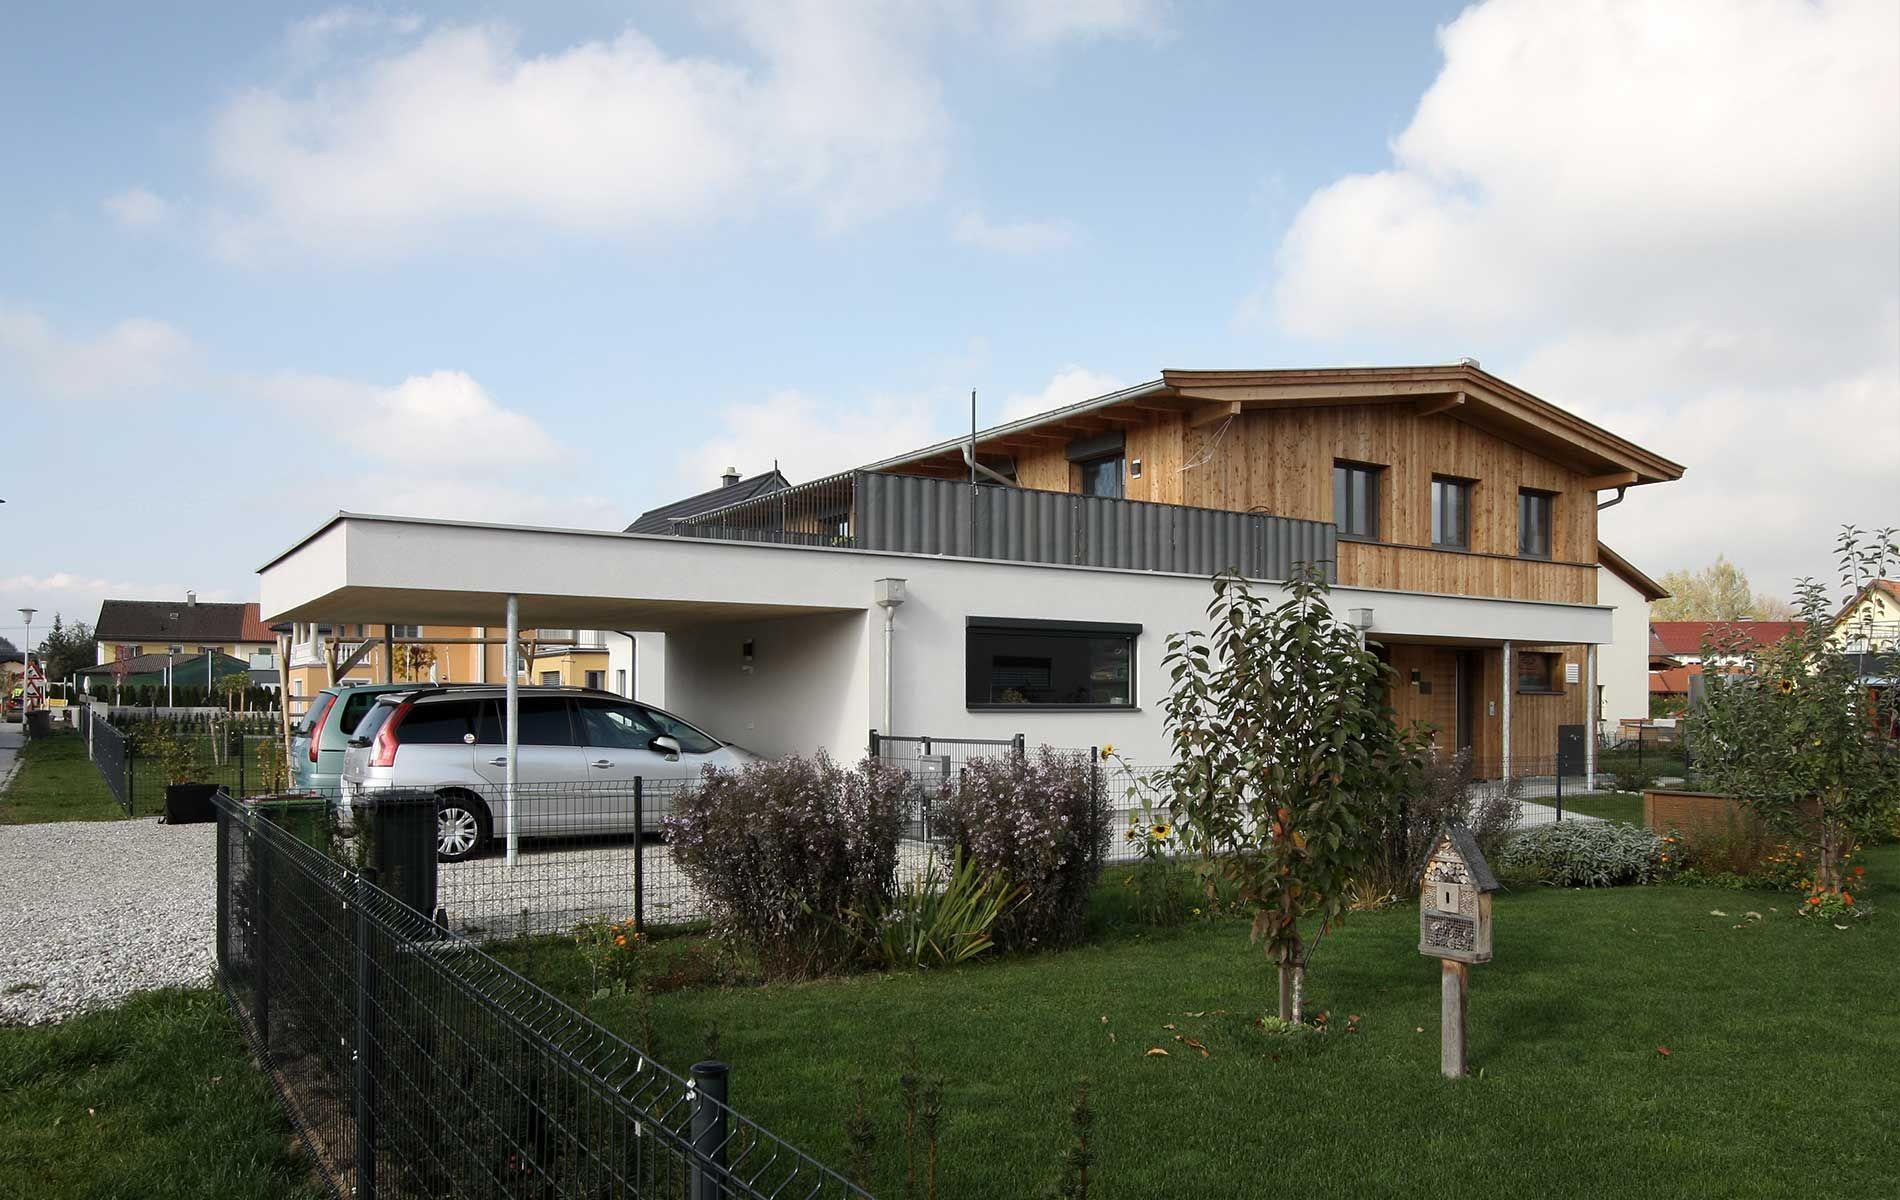 Neubau zweifamilienhaus mit carport holzhaus modern for Chalet modern bauen